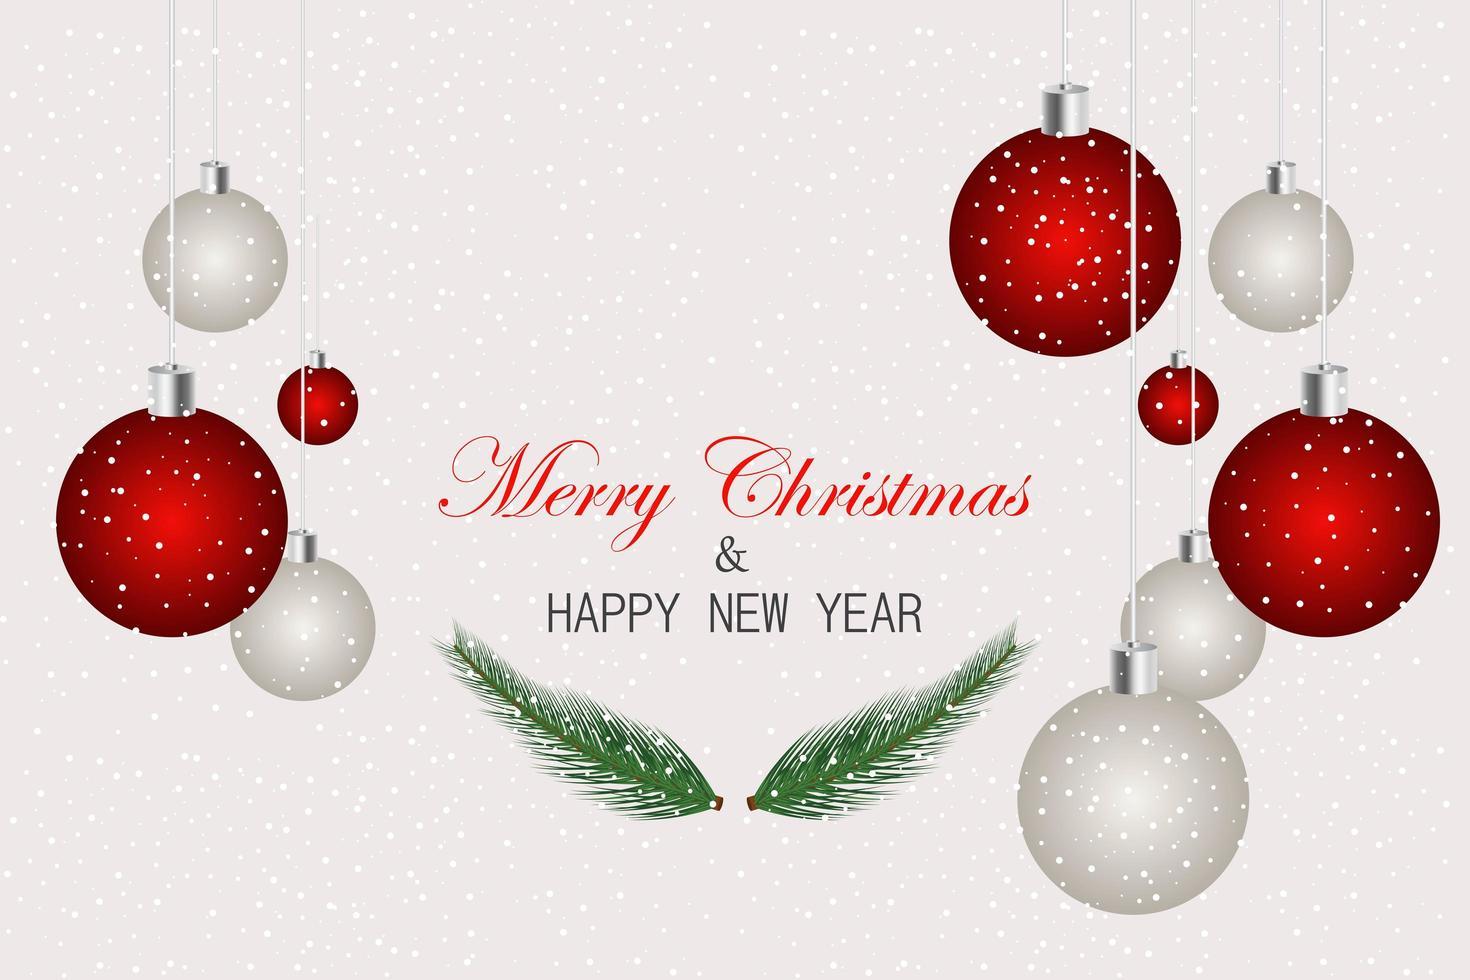 cartão de natal com elementos festivos vetor